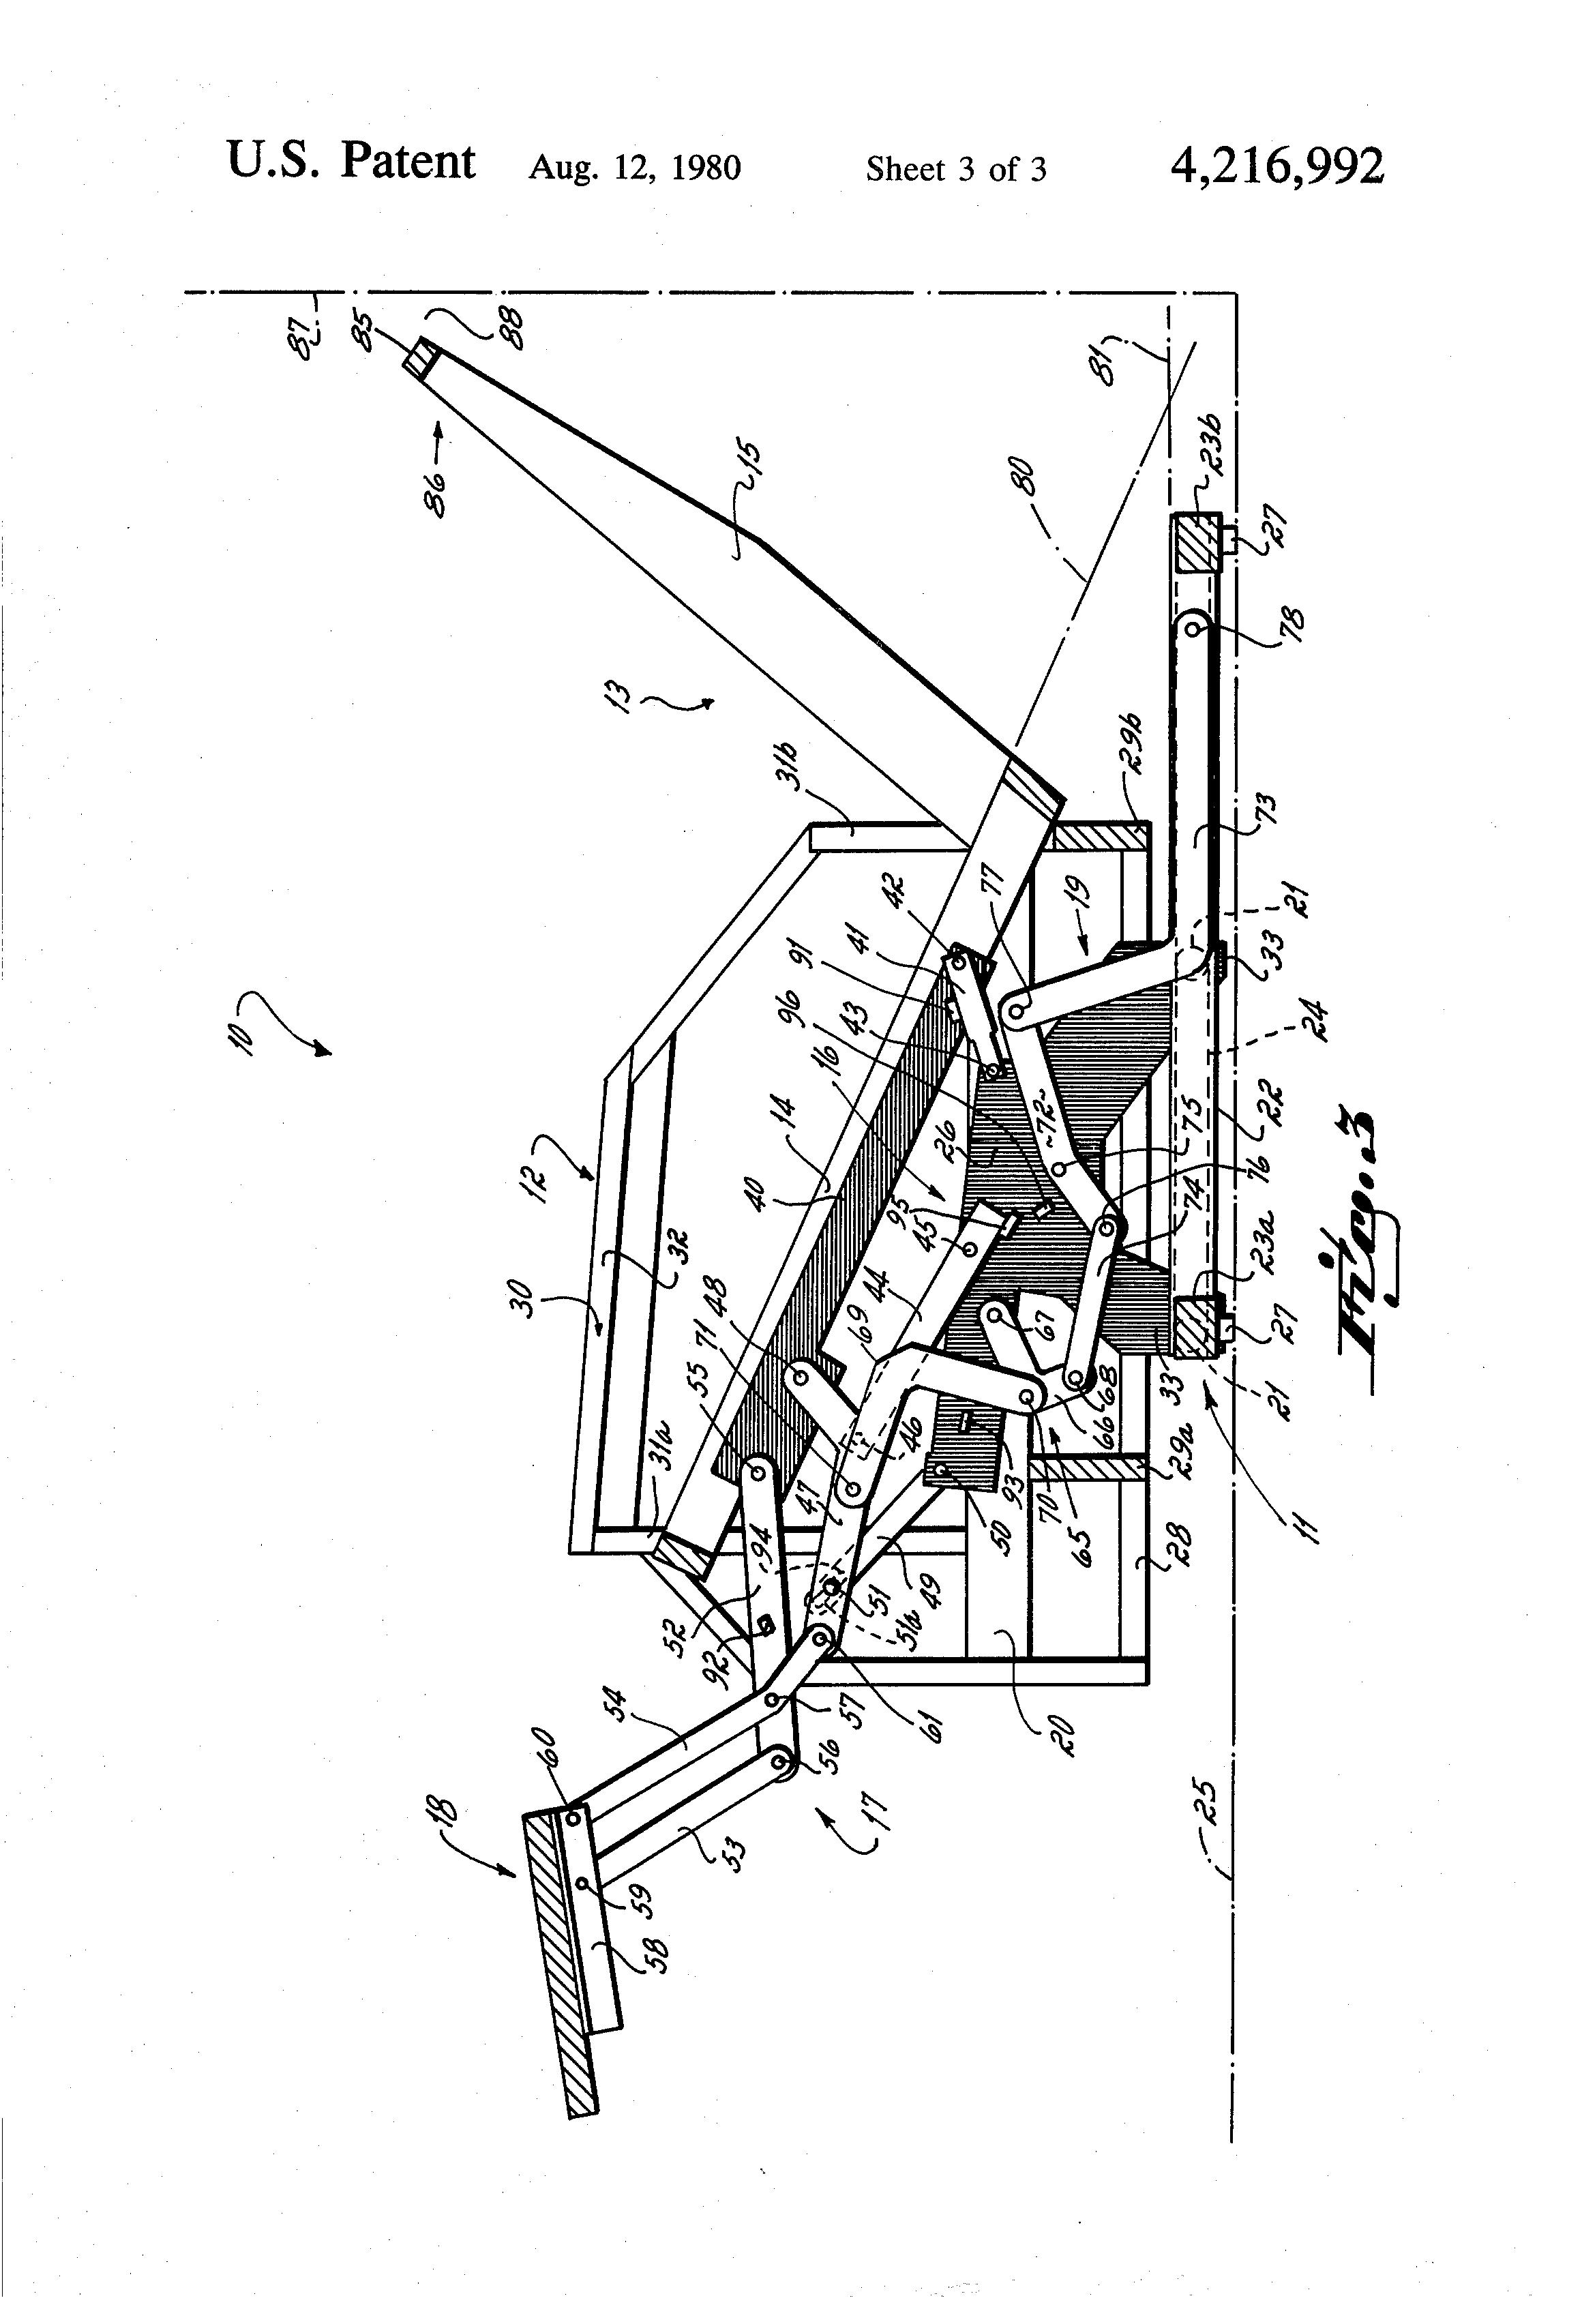 recliner wiring diagram lamp diagram wiring diagram